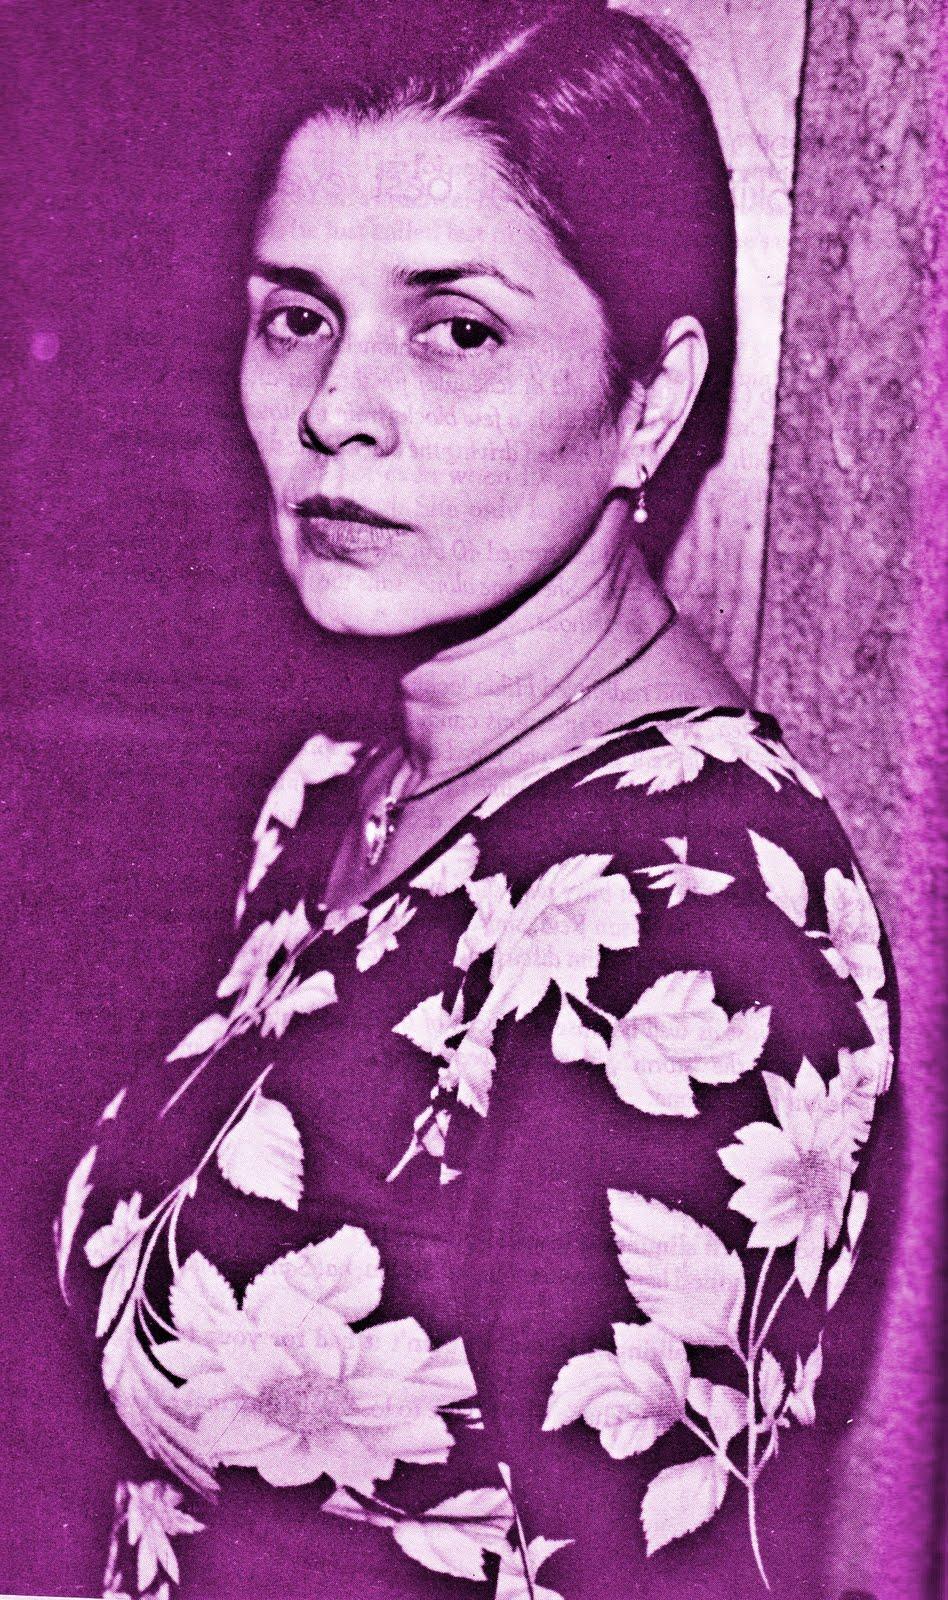 Hilda Koronel (b. 1957) Hilda Koronel (b. 1957) new photo